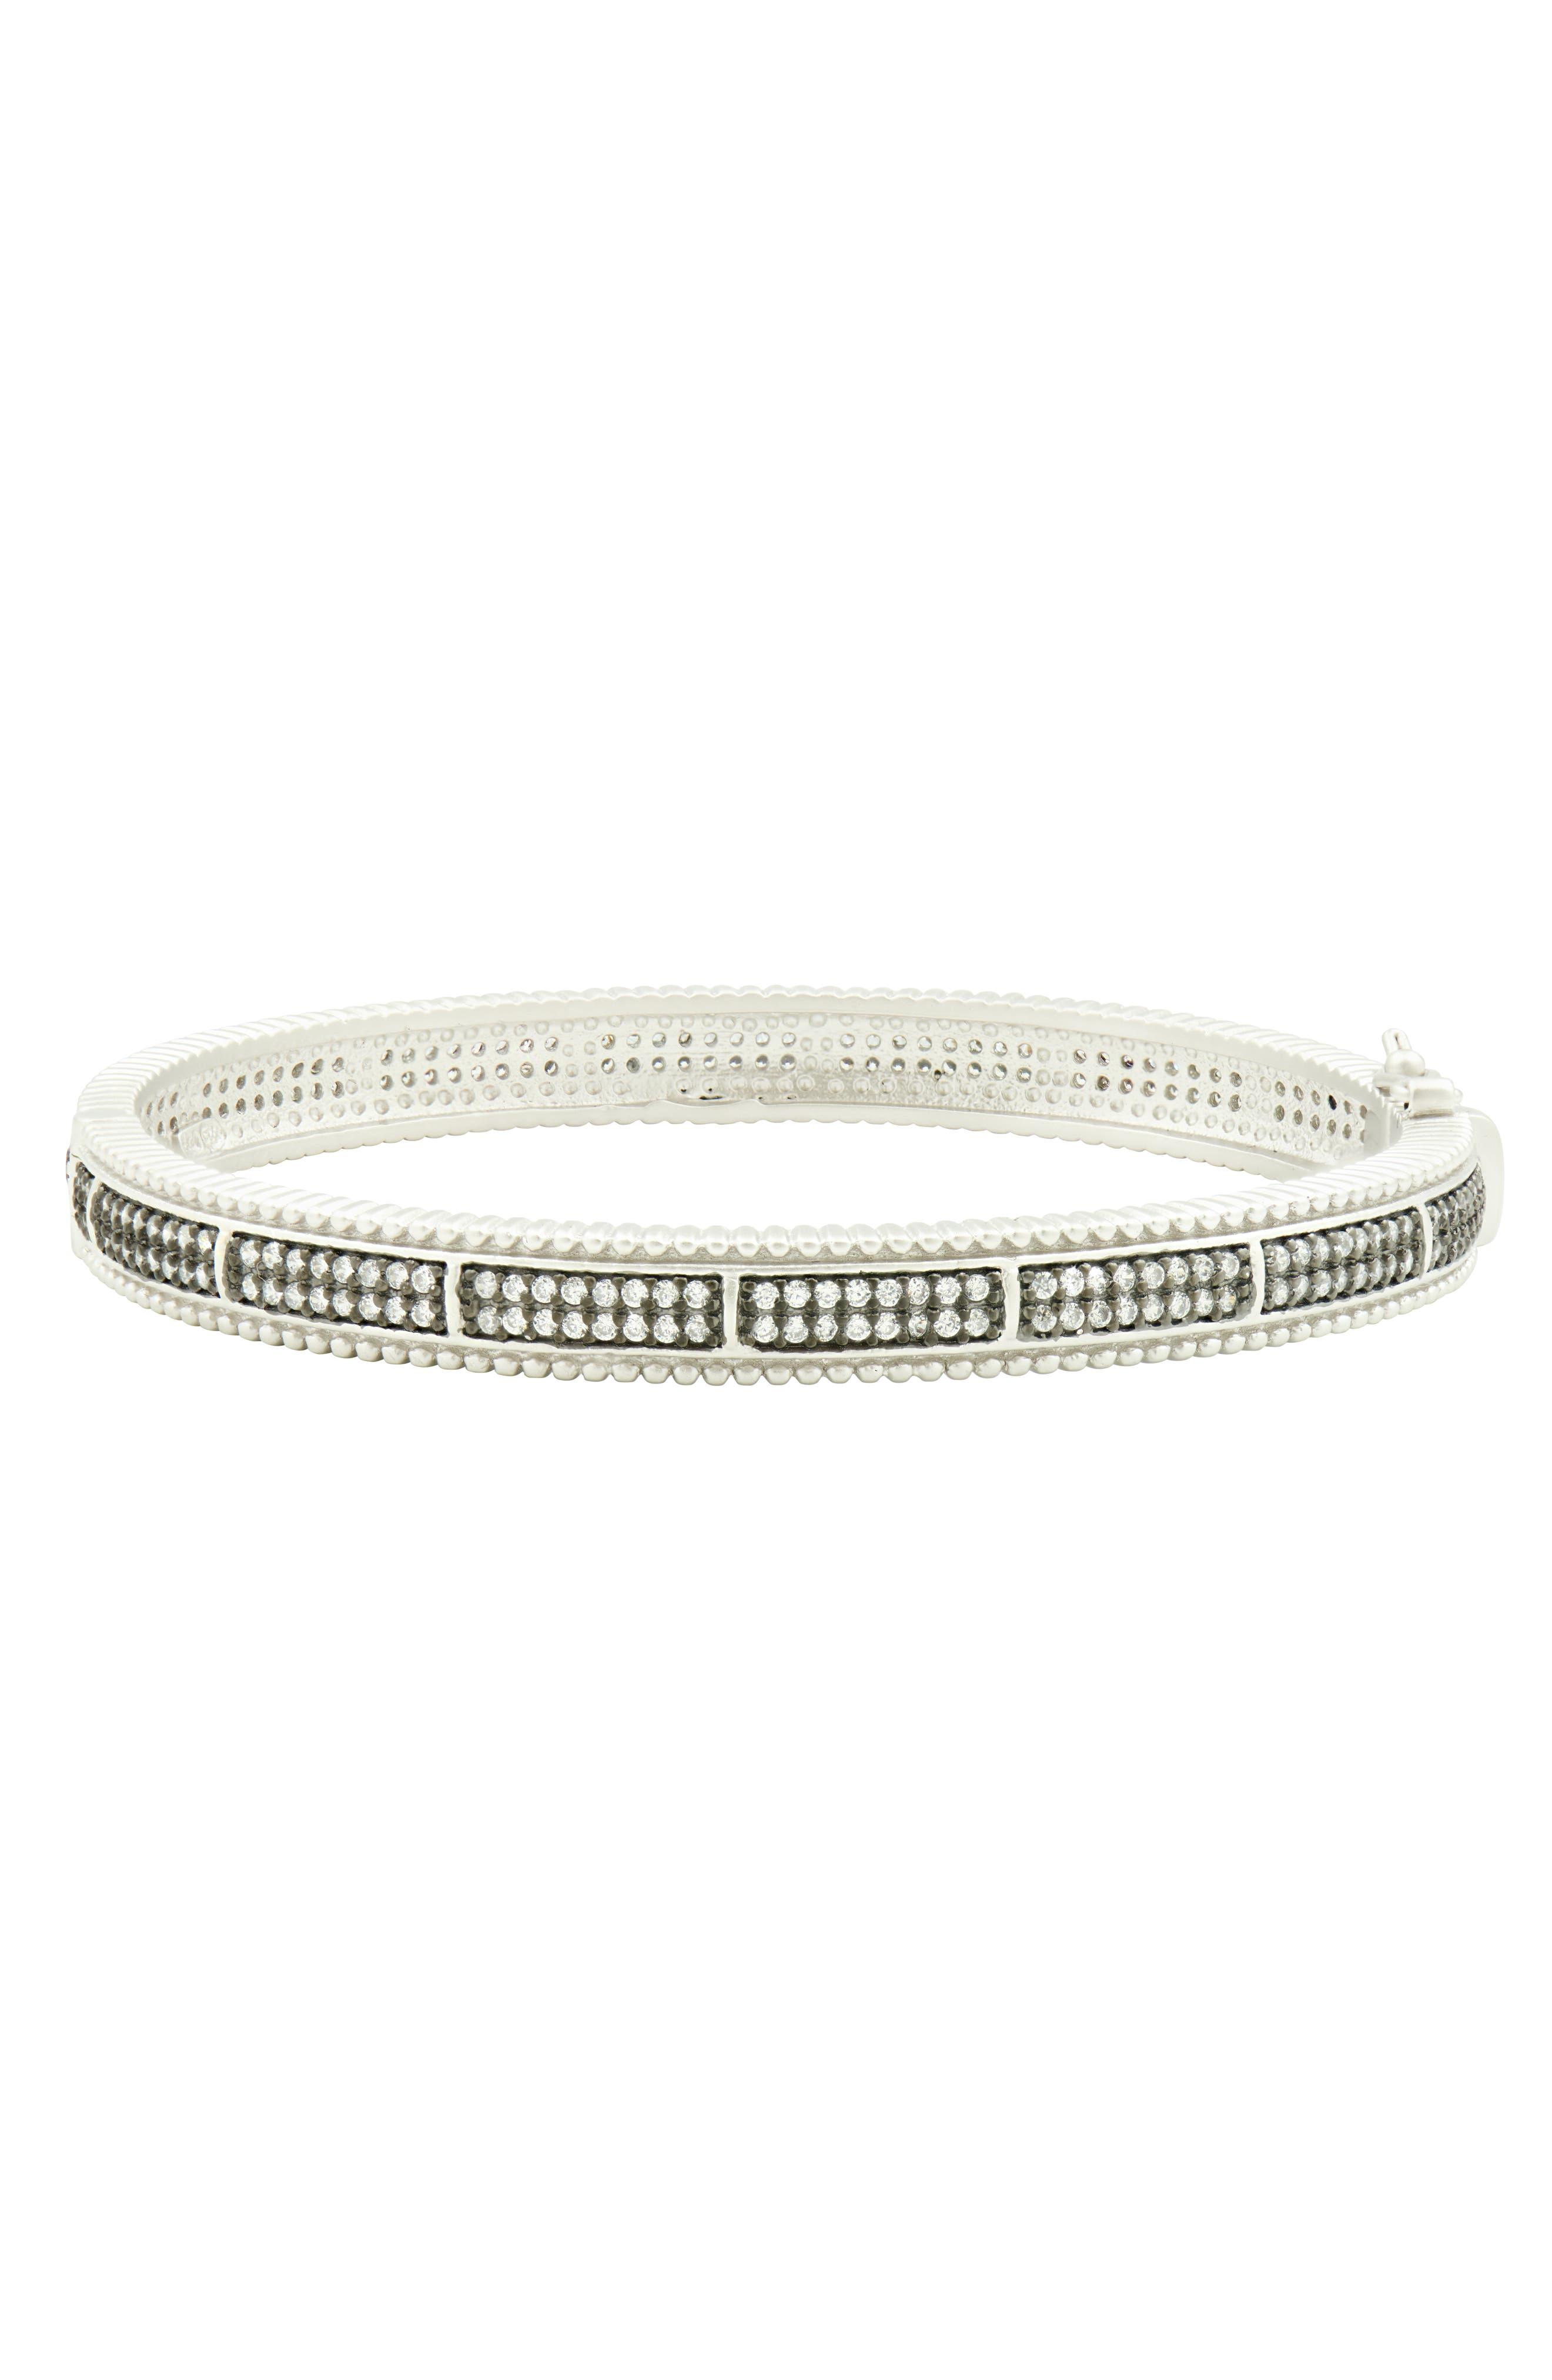 Pavé Hinge Bangle Bracelet,                             Main thumbnail 1, color,                             BLACK/ WHITE/ SILVER